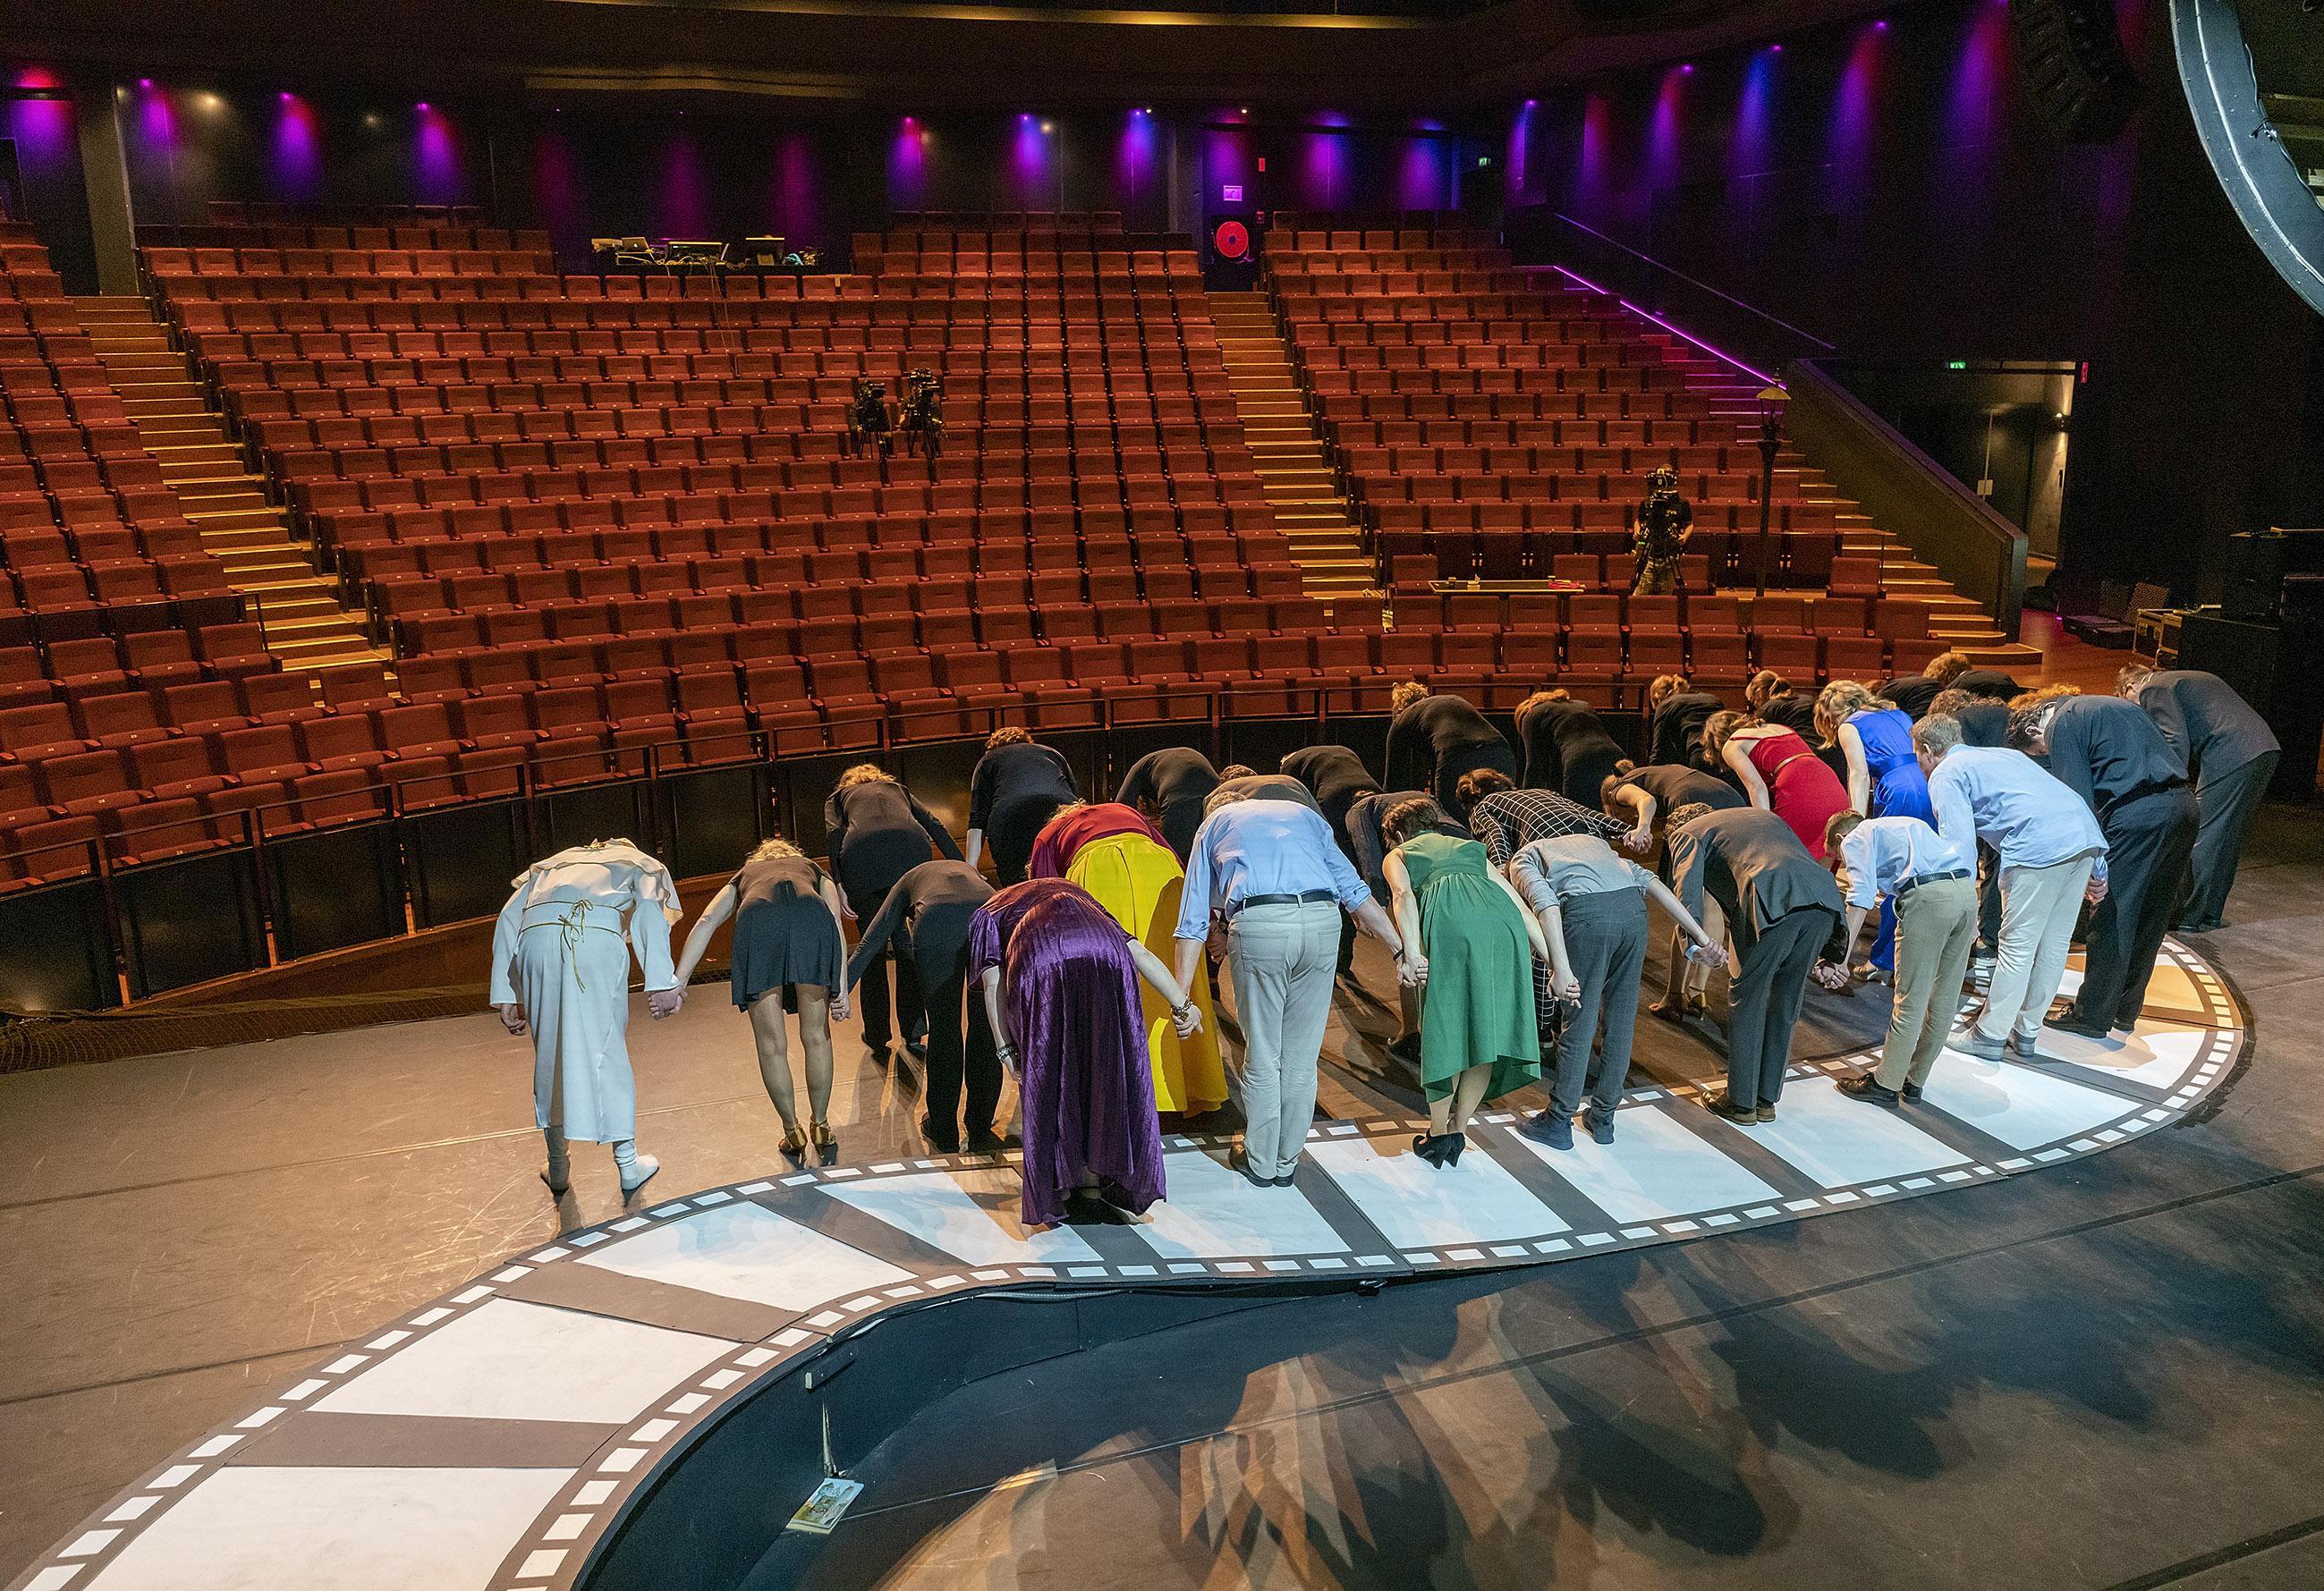 Theaters in Alkmaar, Hoorn, Heerhugowaard en Den Helder vragen ontheffing van zaalbeperking en willen meer dan 30 bezoekers. 'Zo'n ontheffingsmogelijkheid staat er natuurlijk niet voor niets in'